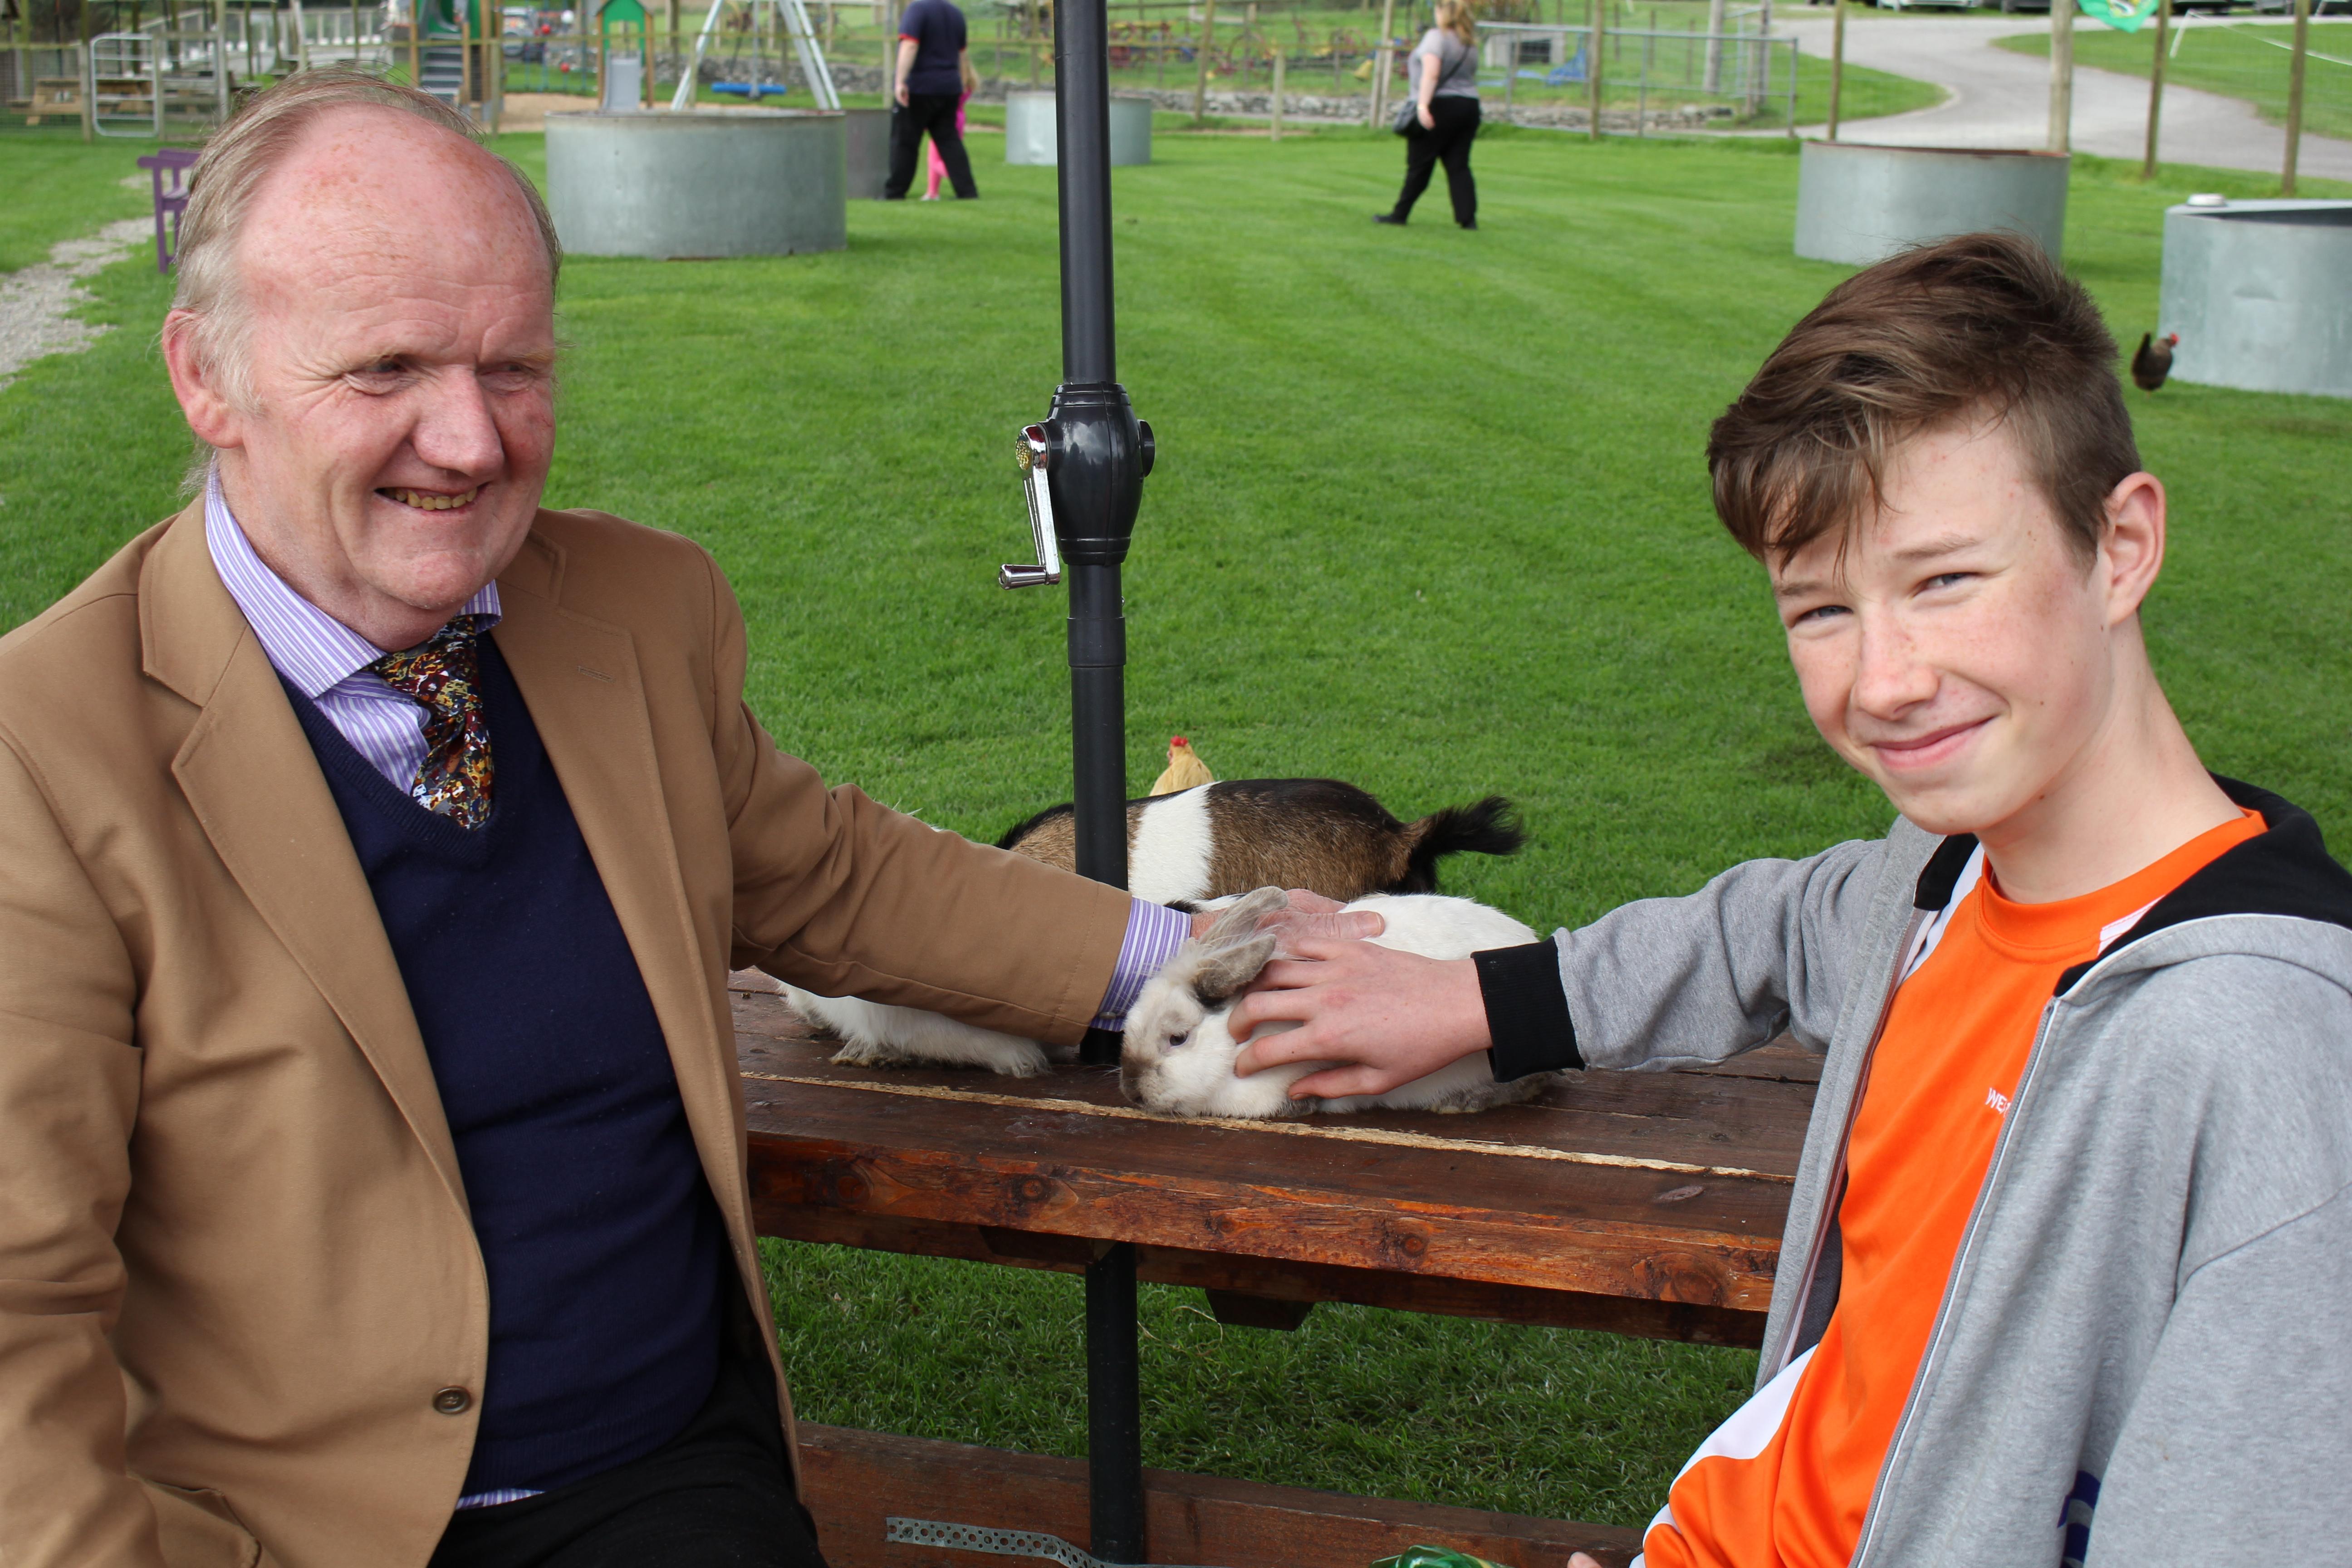 Colm Clifford and Cian Sheehan admiring rabbits